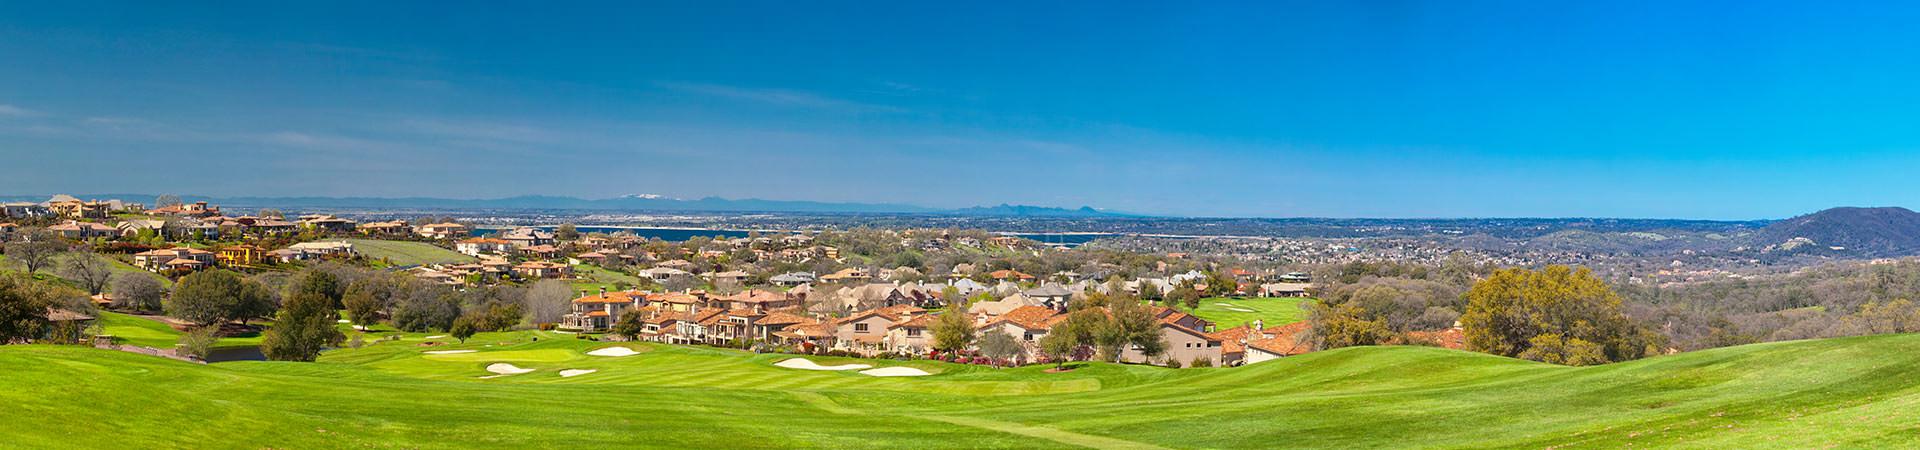 Serrano Golf Club | El Dorado Hills